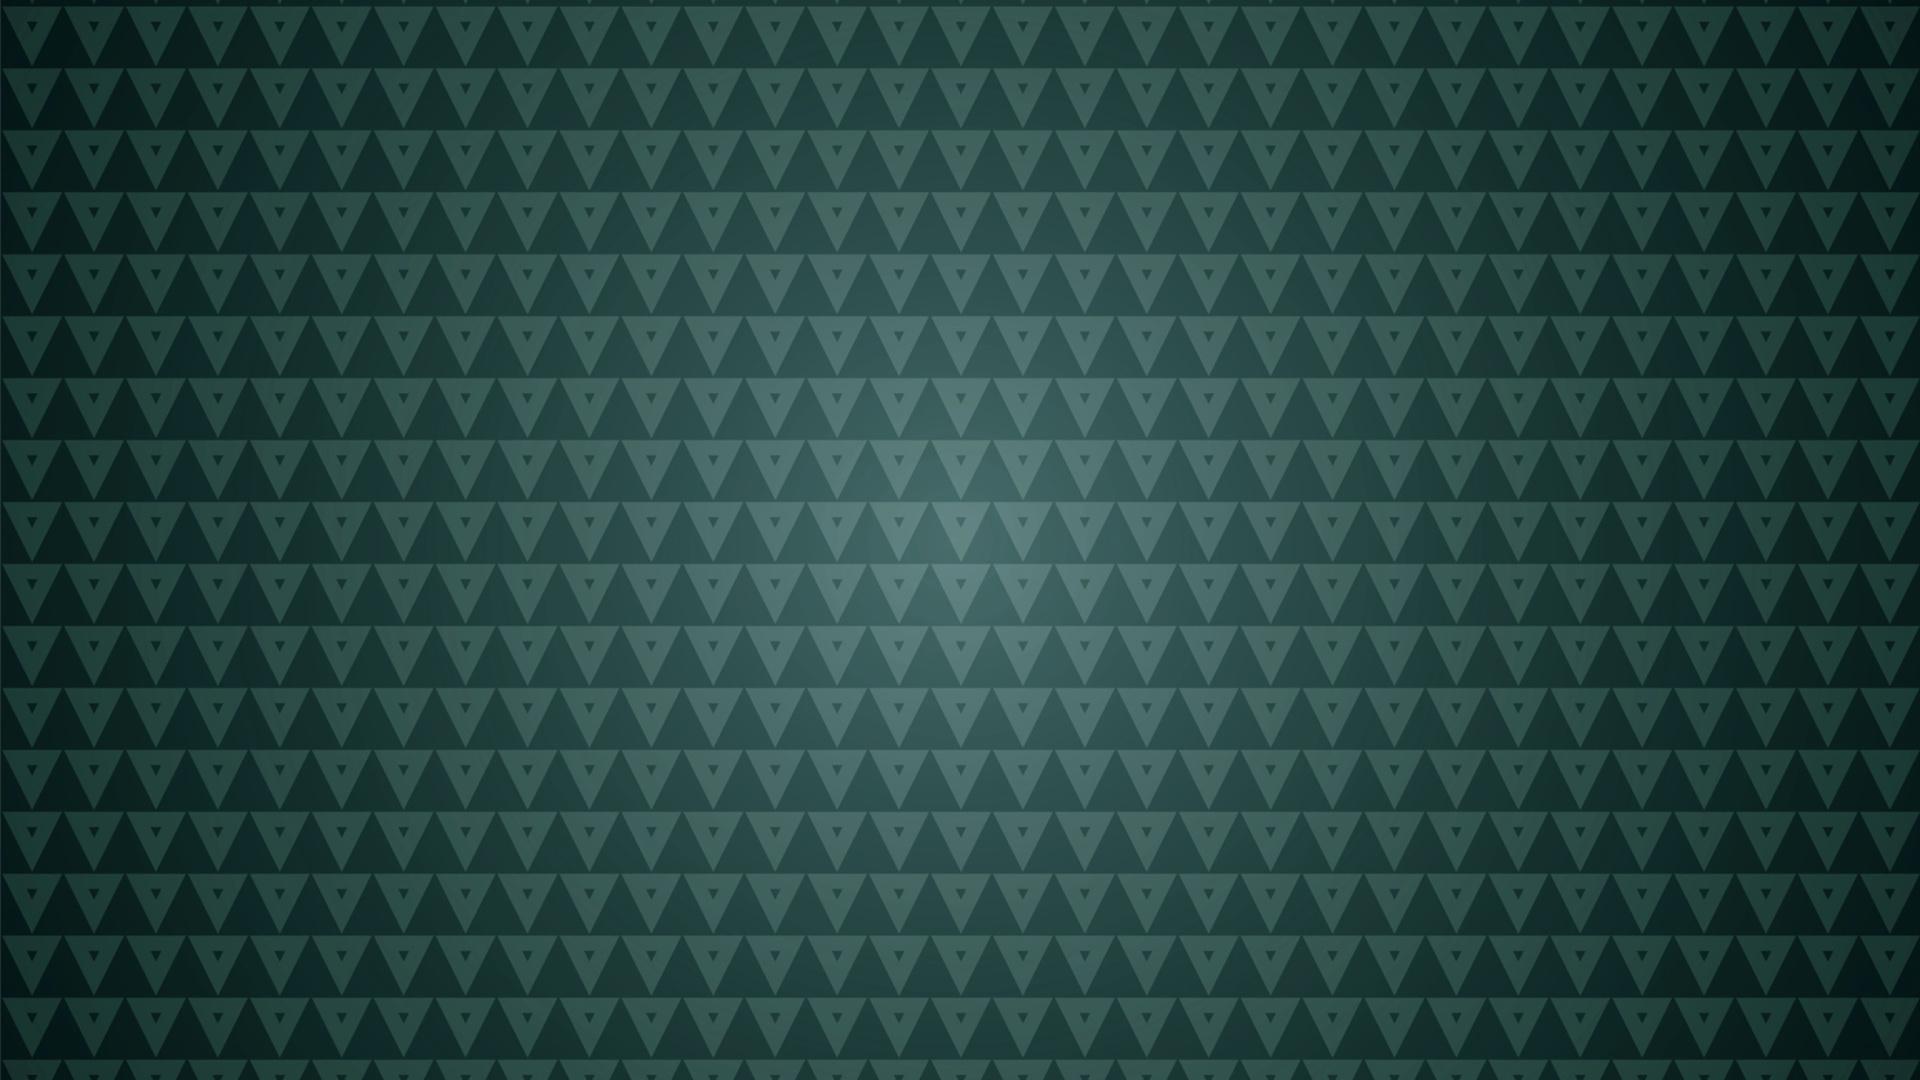 Checkerboard Wallpaper Hd Pixelstalk Net